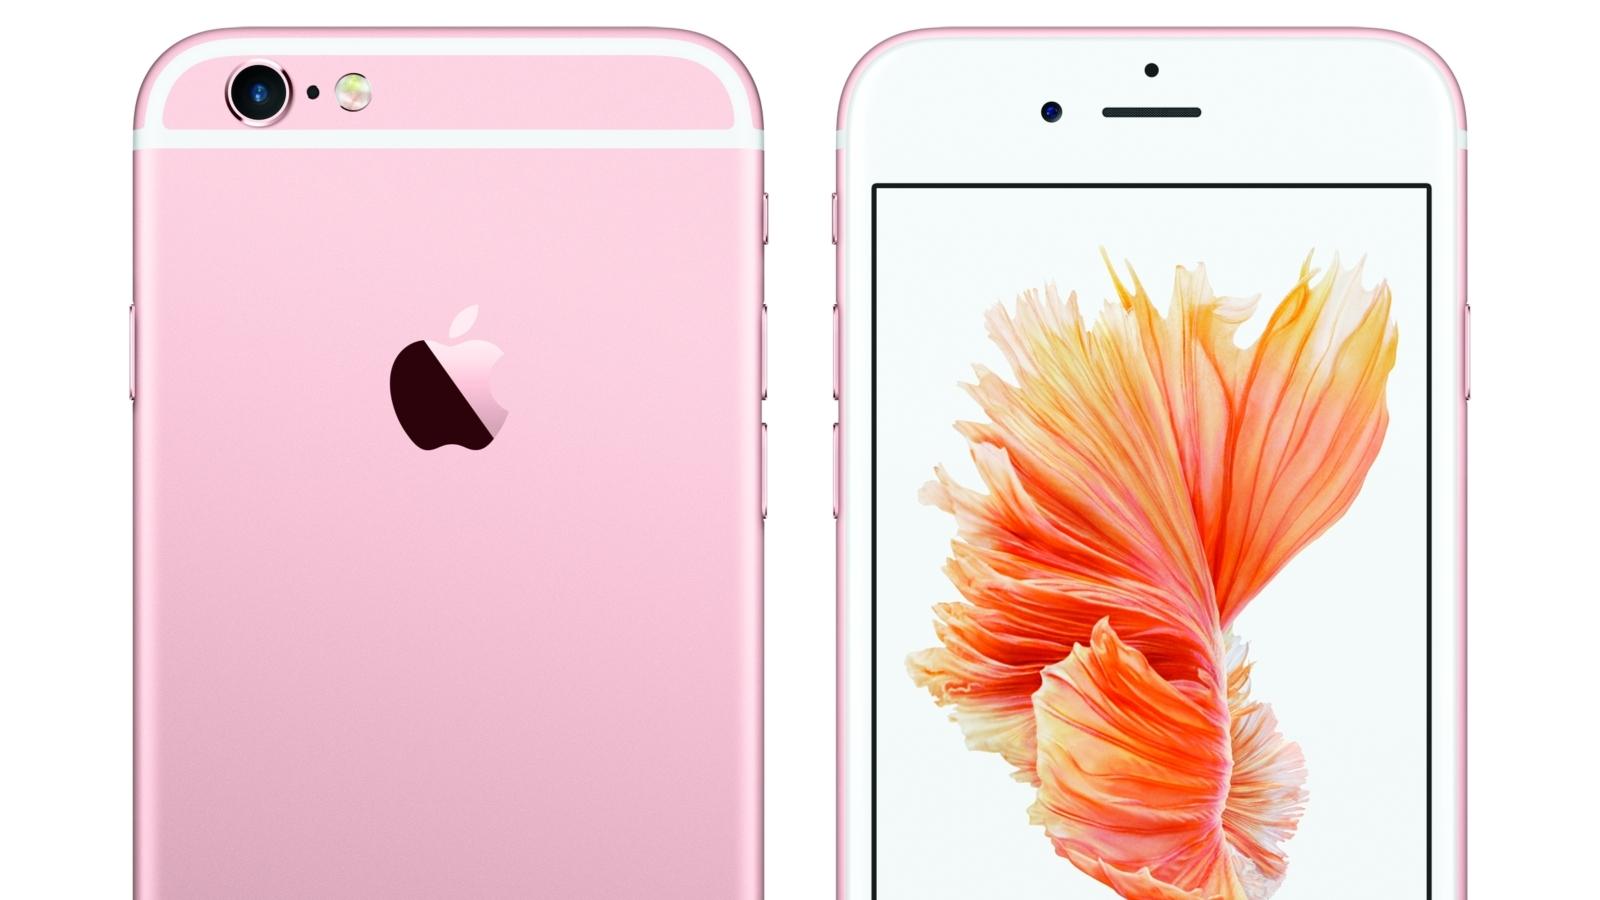 iPhone6s-RoseGold-BackFront-HeroFish-PR-PRINT 2